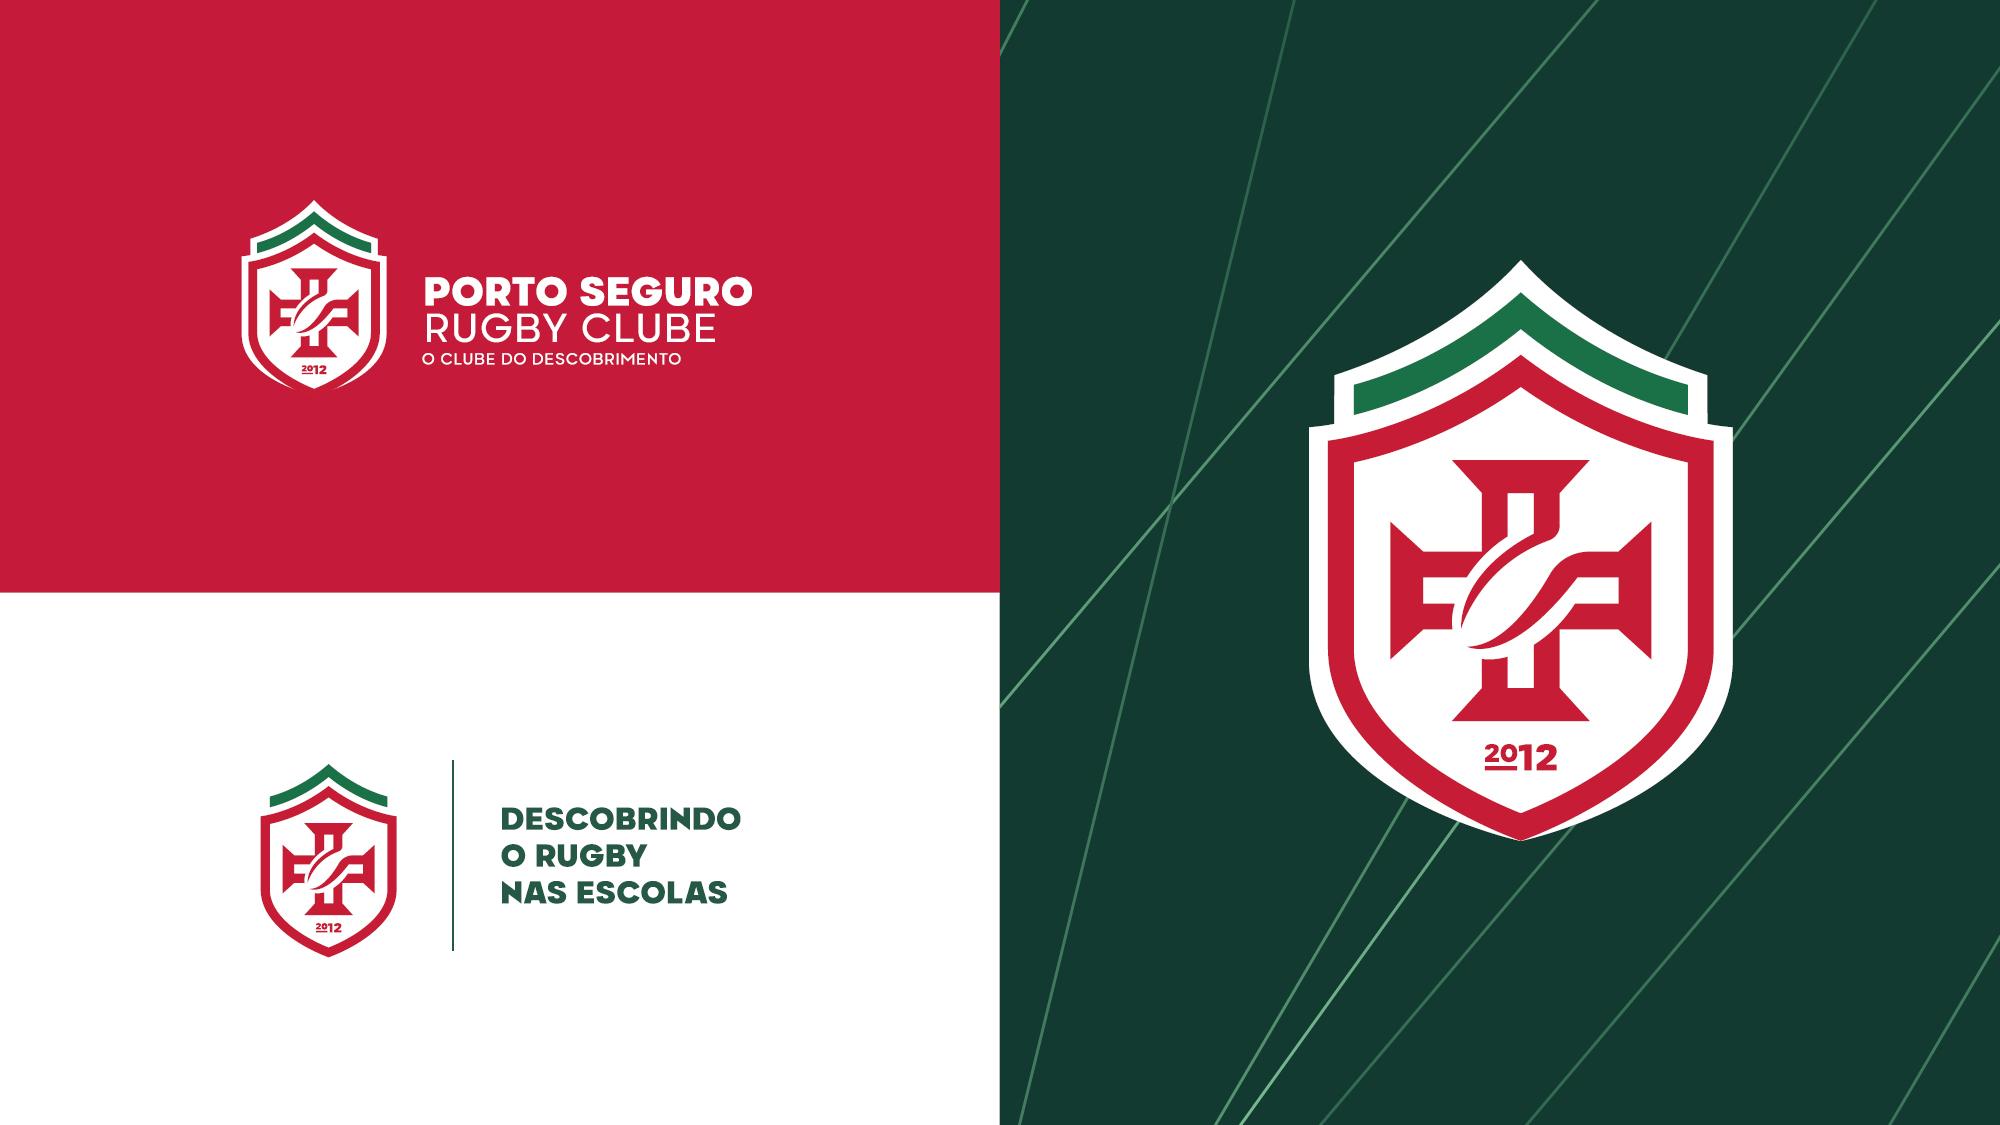 201911-Porto-Seguro-Rugby-Clube-Brand-Launch2